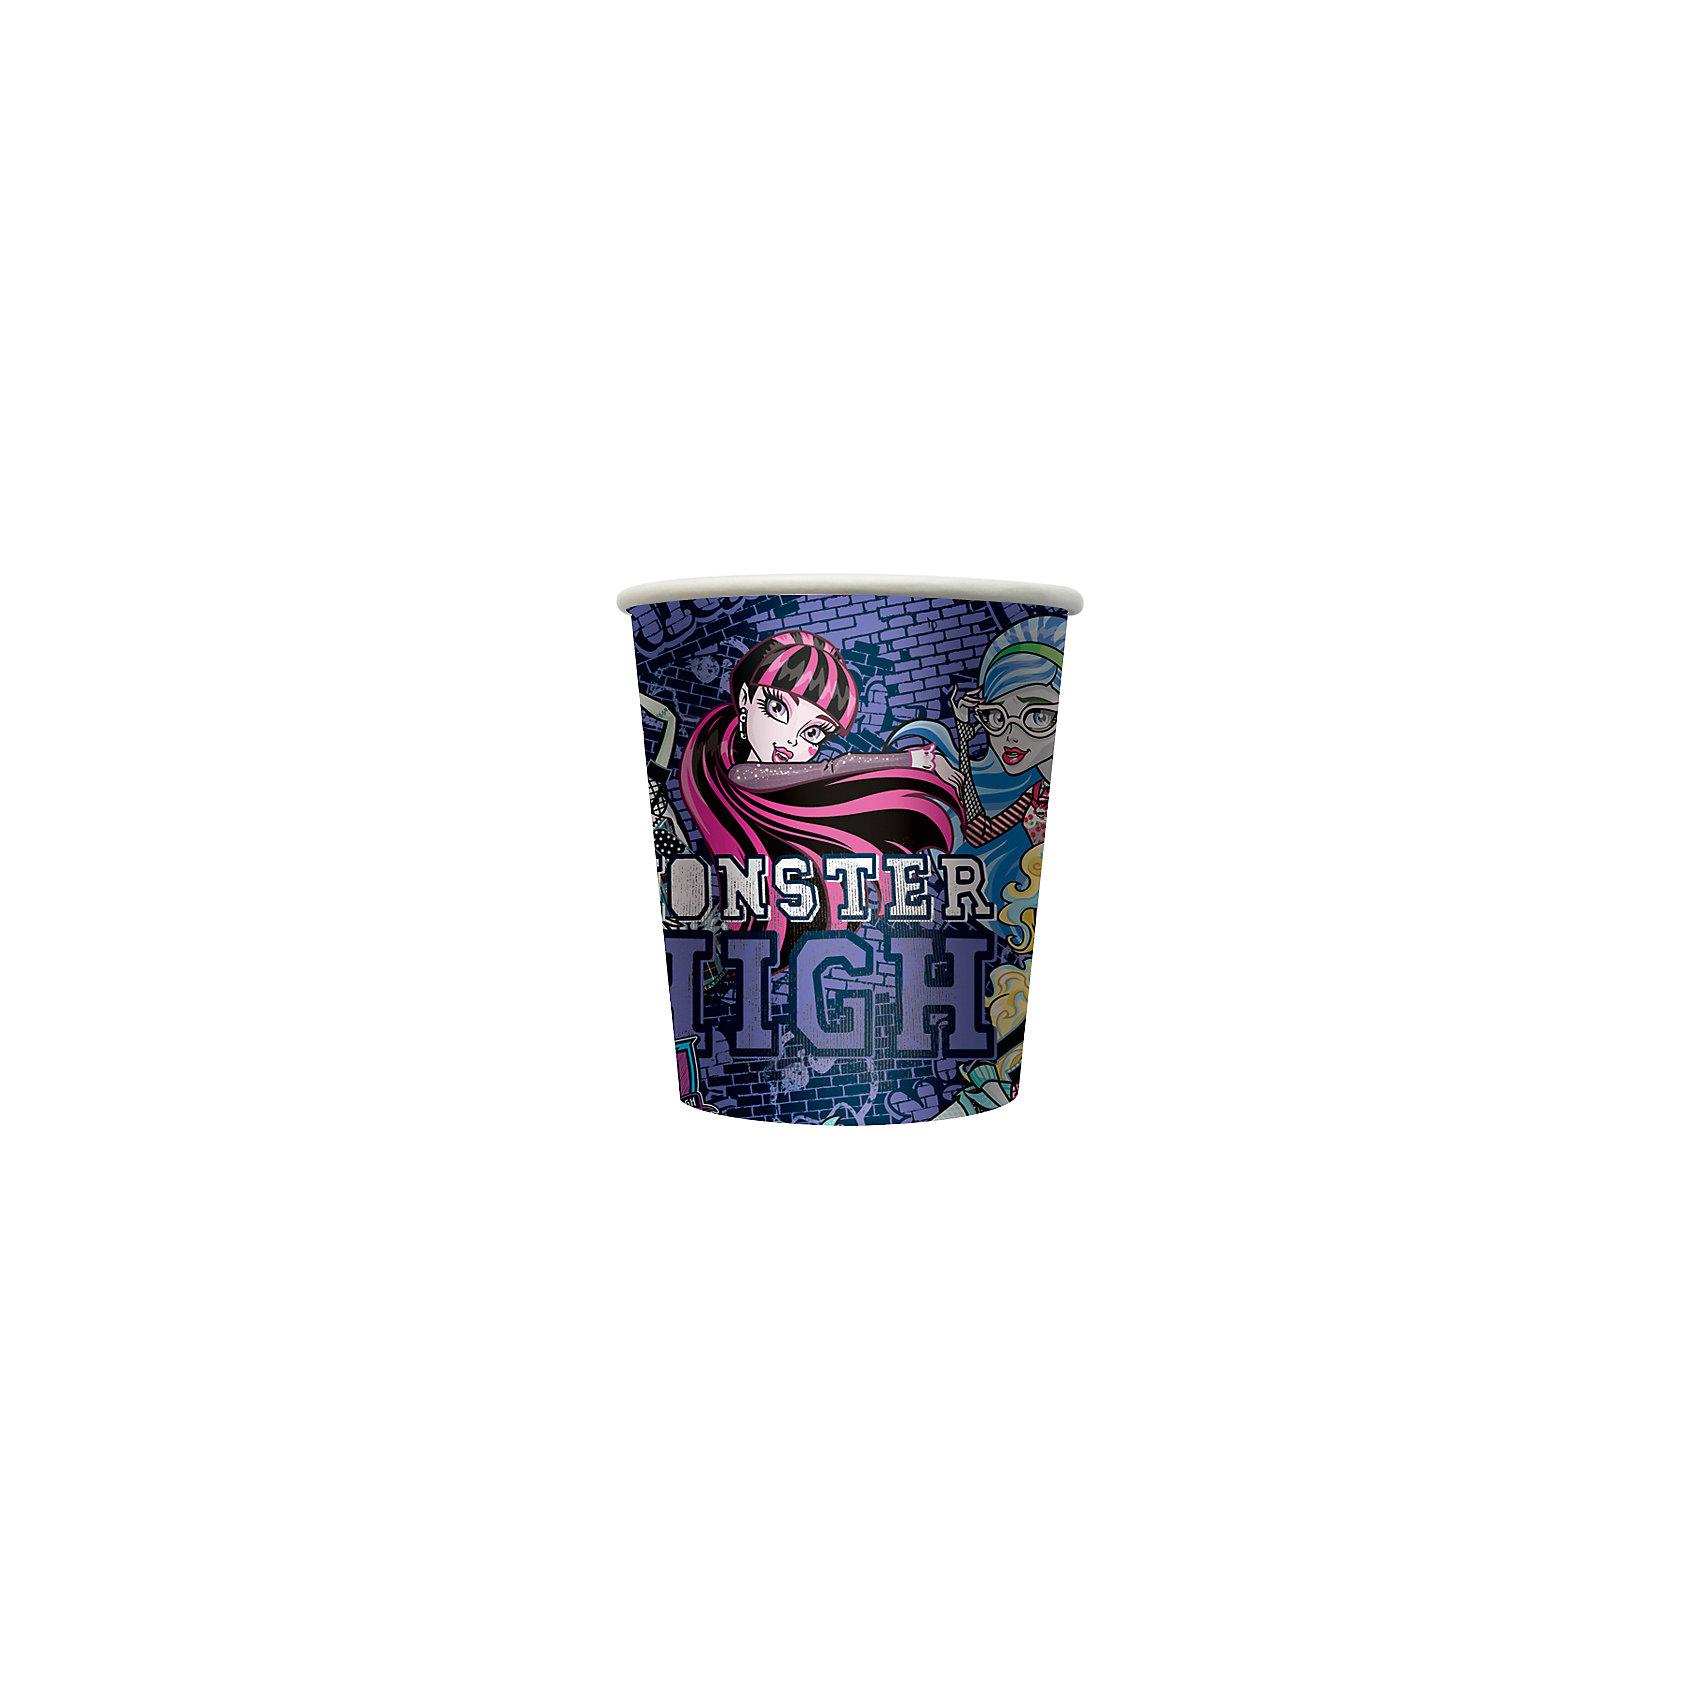 Росмэн Стакан бумажный Граффити. Monster High (10 шт) росмэн наклейки и раскраски голубая monster high